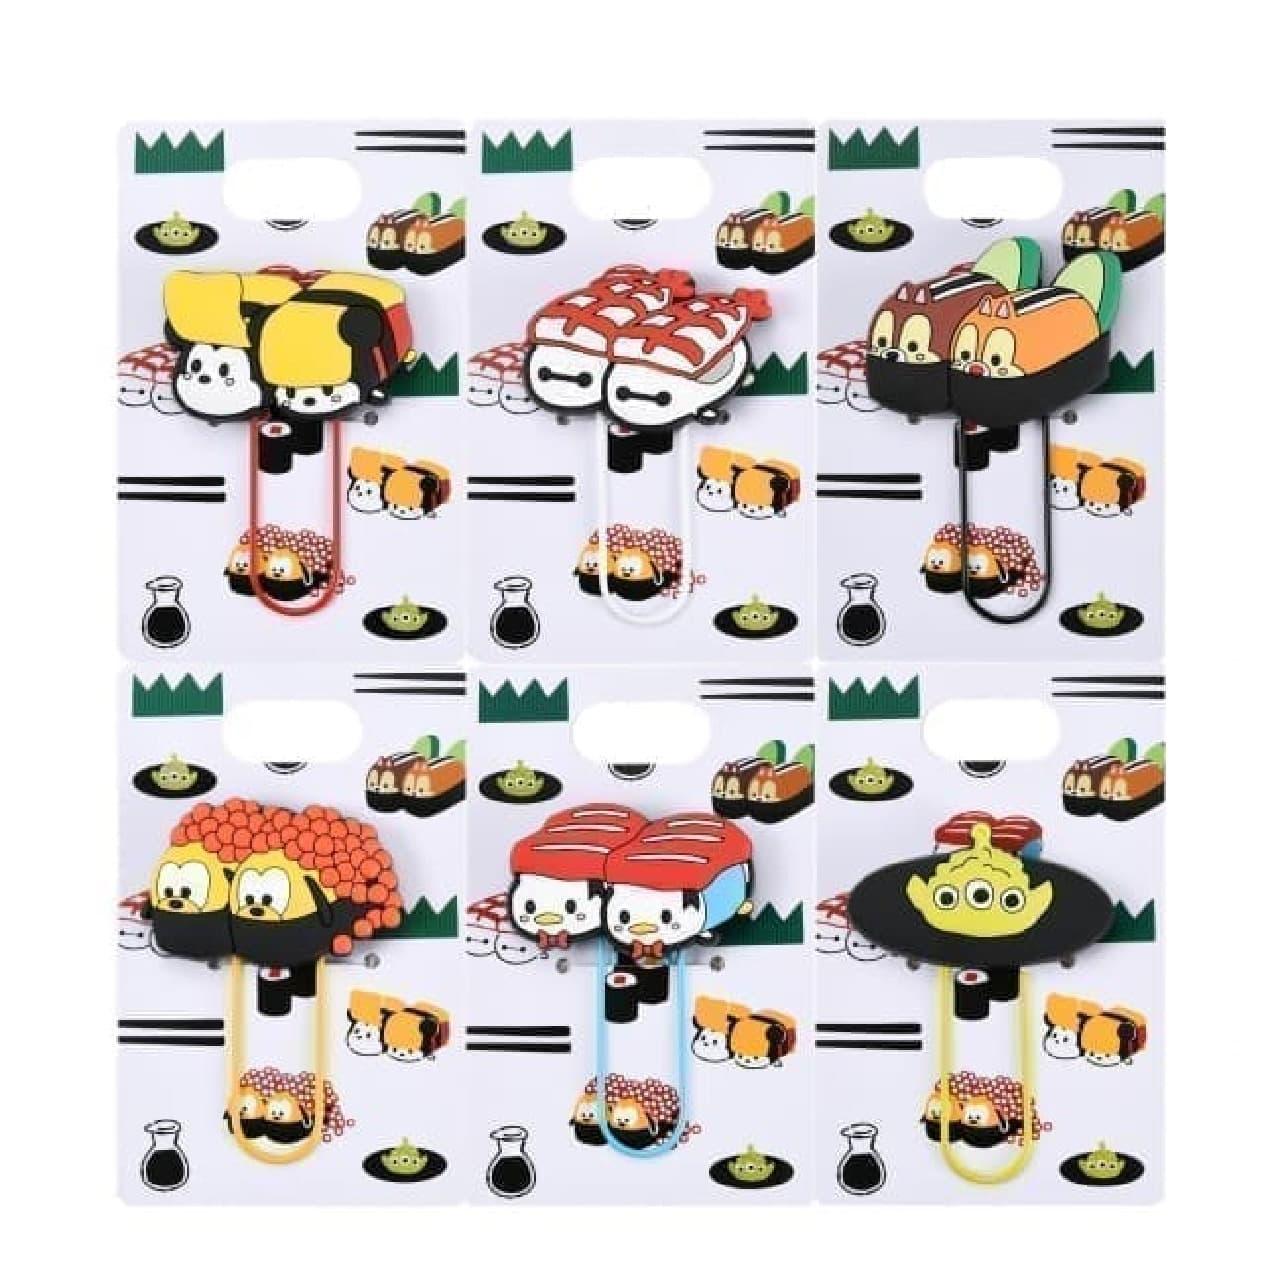 浮世絵風ミッキーや富士山モチーフの「ツムツム」も!「ショップディズニー」からグランドオープン記念第2弾